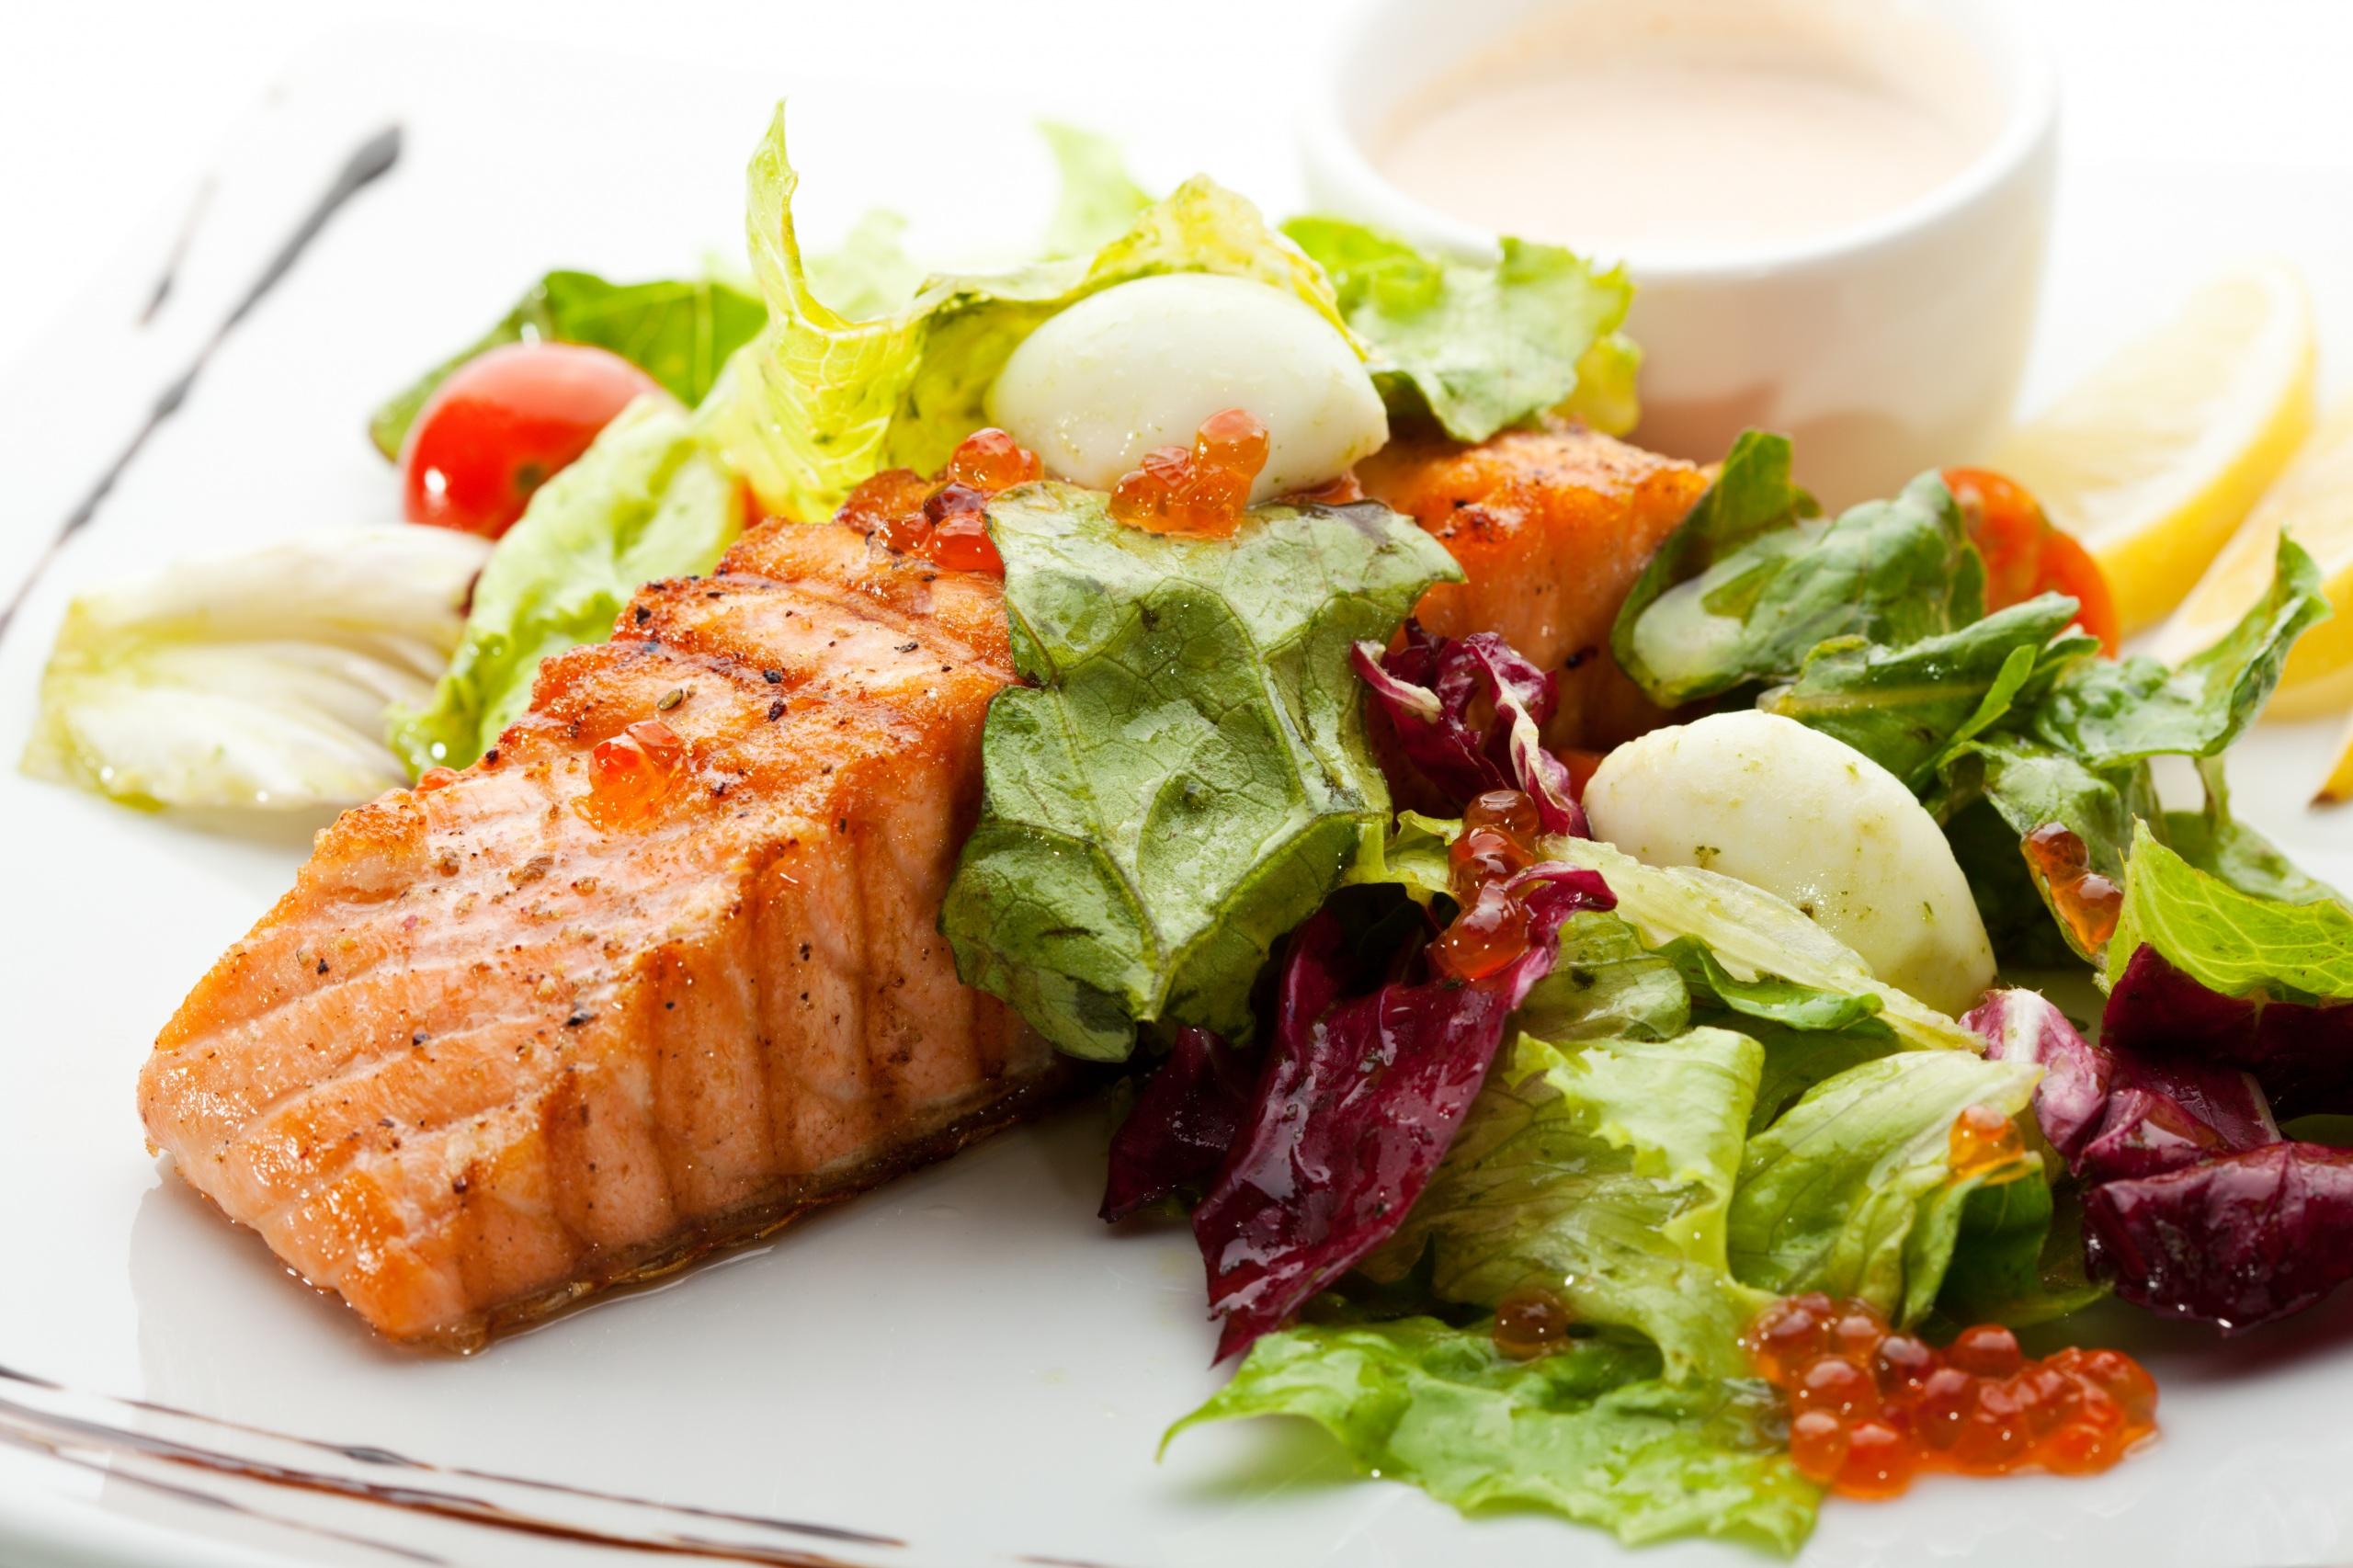 Рыбное блюдо в меню при панкреатите и холецистите